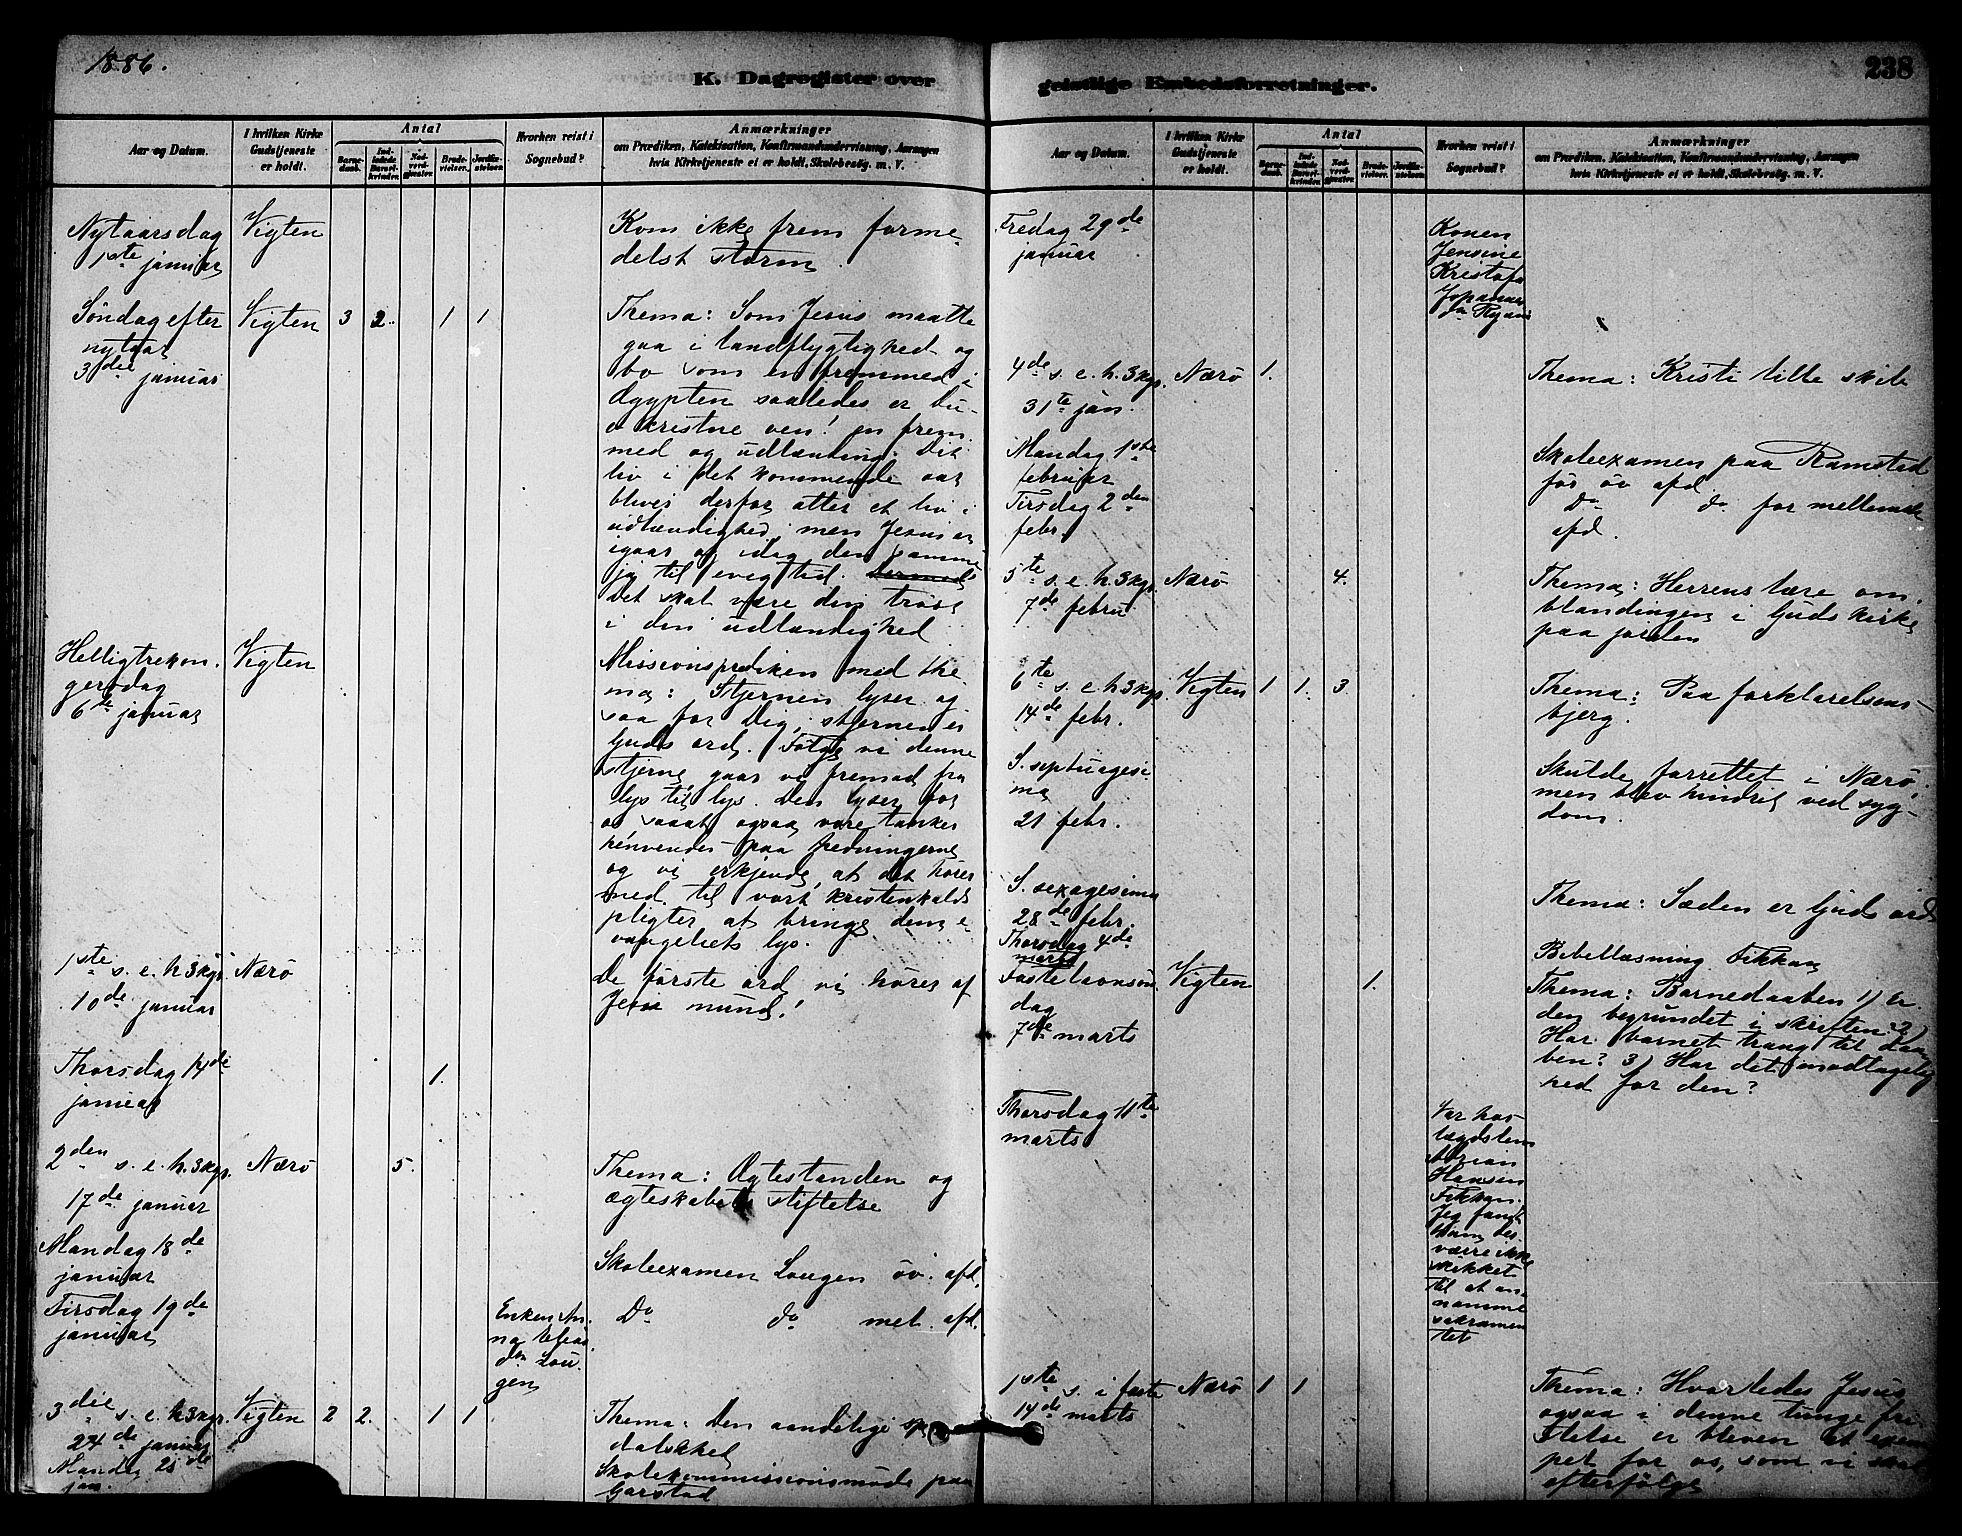 SAT, Ministerialprotokoller, klokkerbøker og fødselsregistre - Nord-Trøndelag, 784/L0672: Ministerialbok nr. 784A07, 1880-1887, s. 238